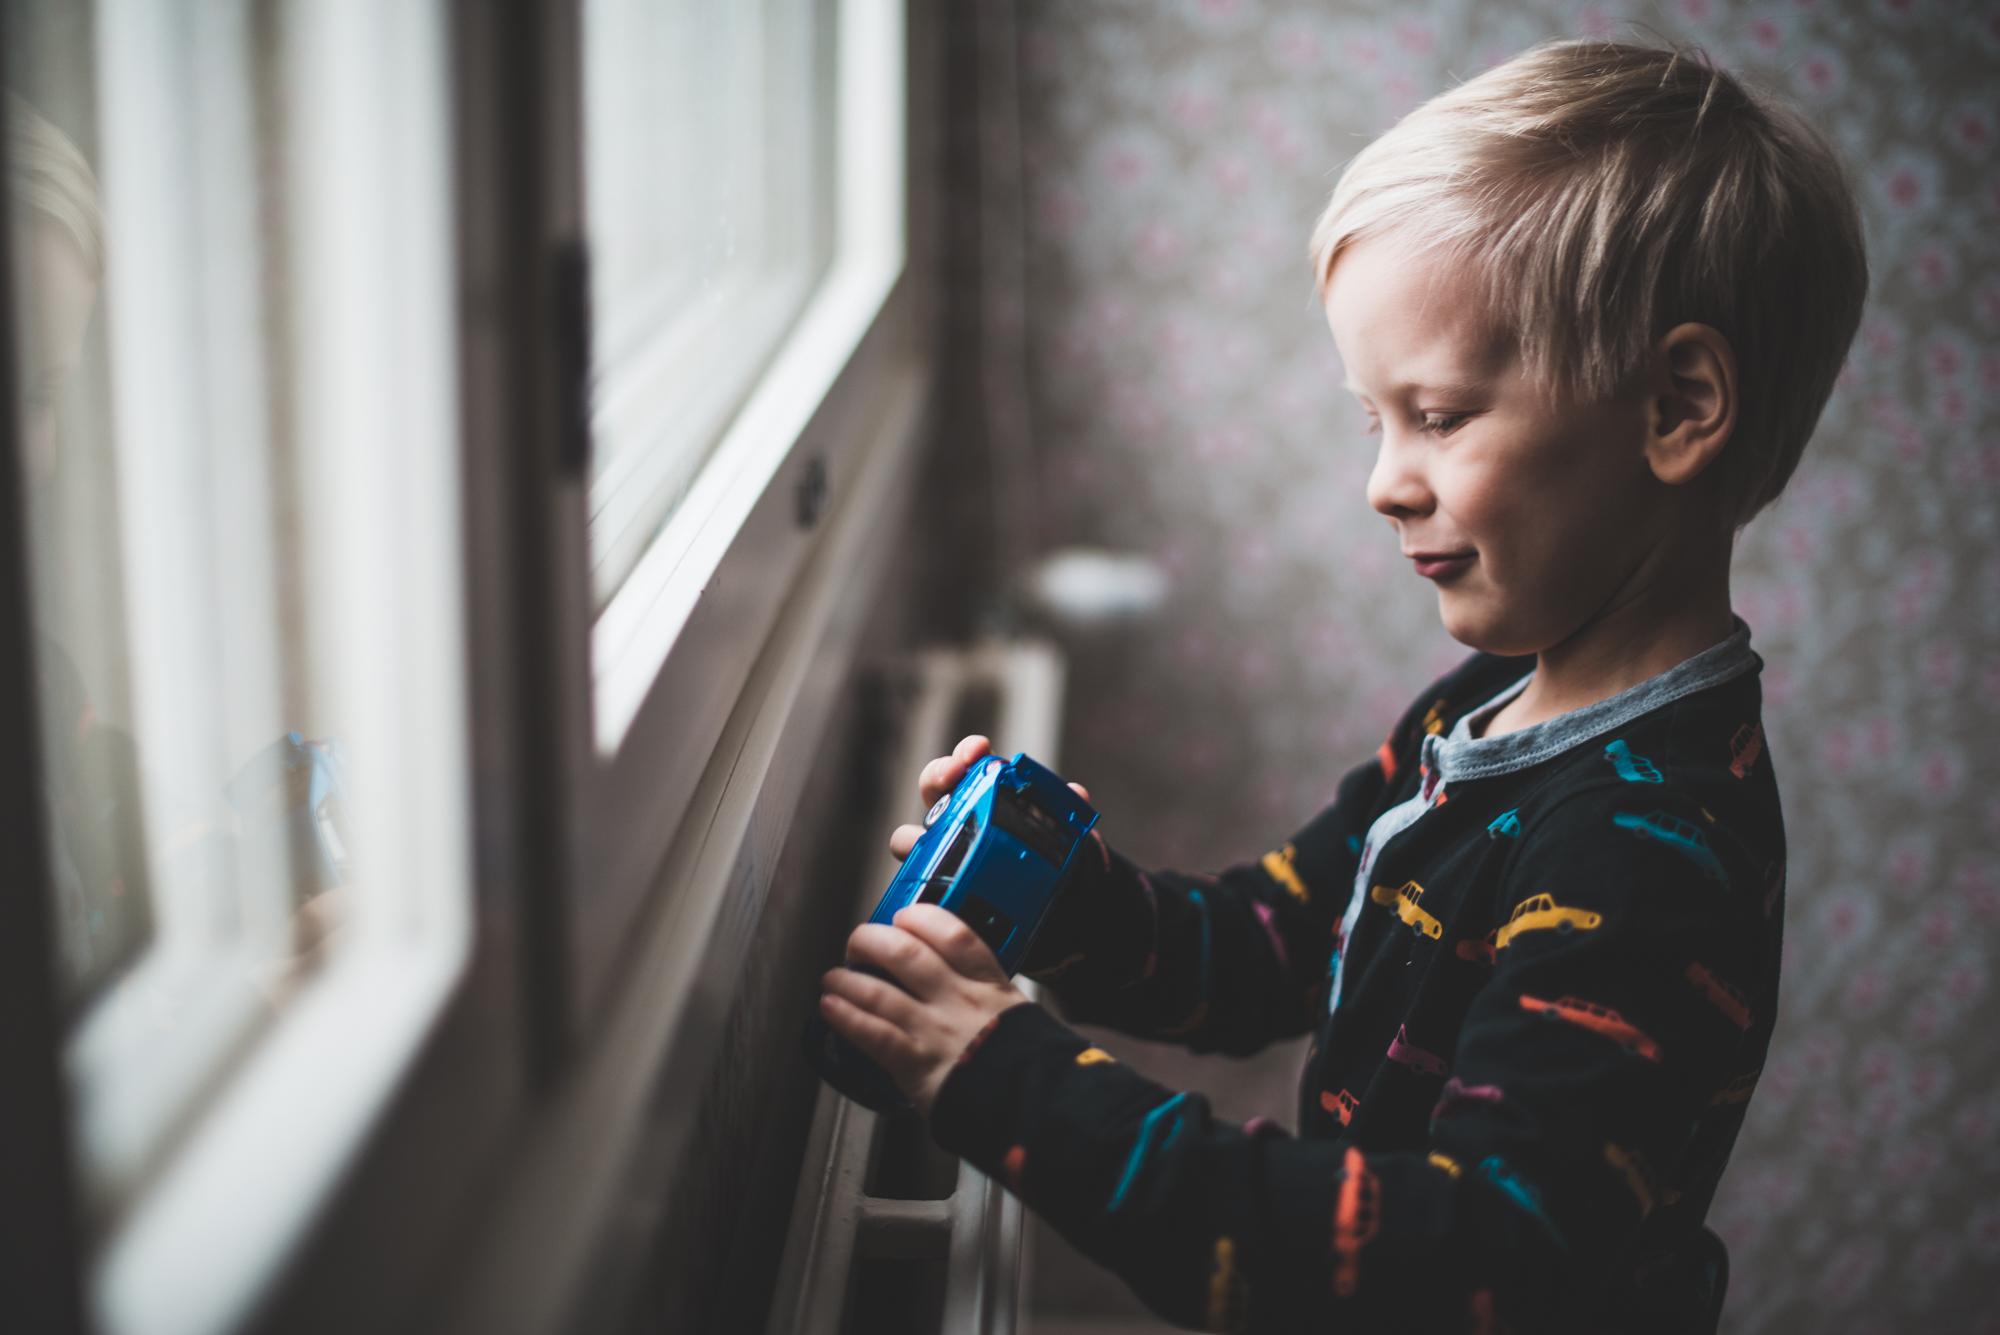 oxa_lapsi_miljöö-10.jpg